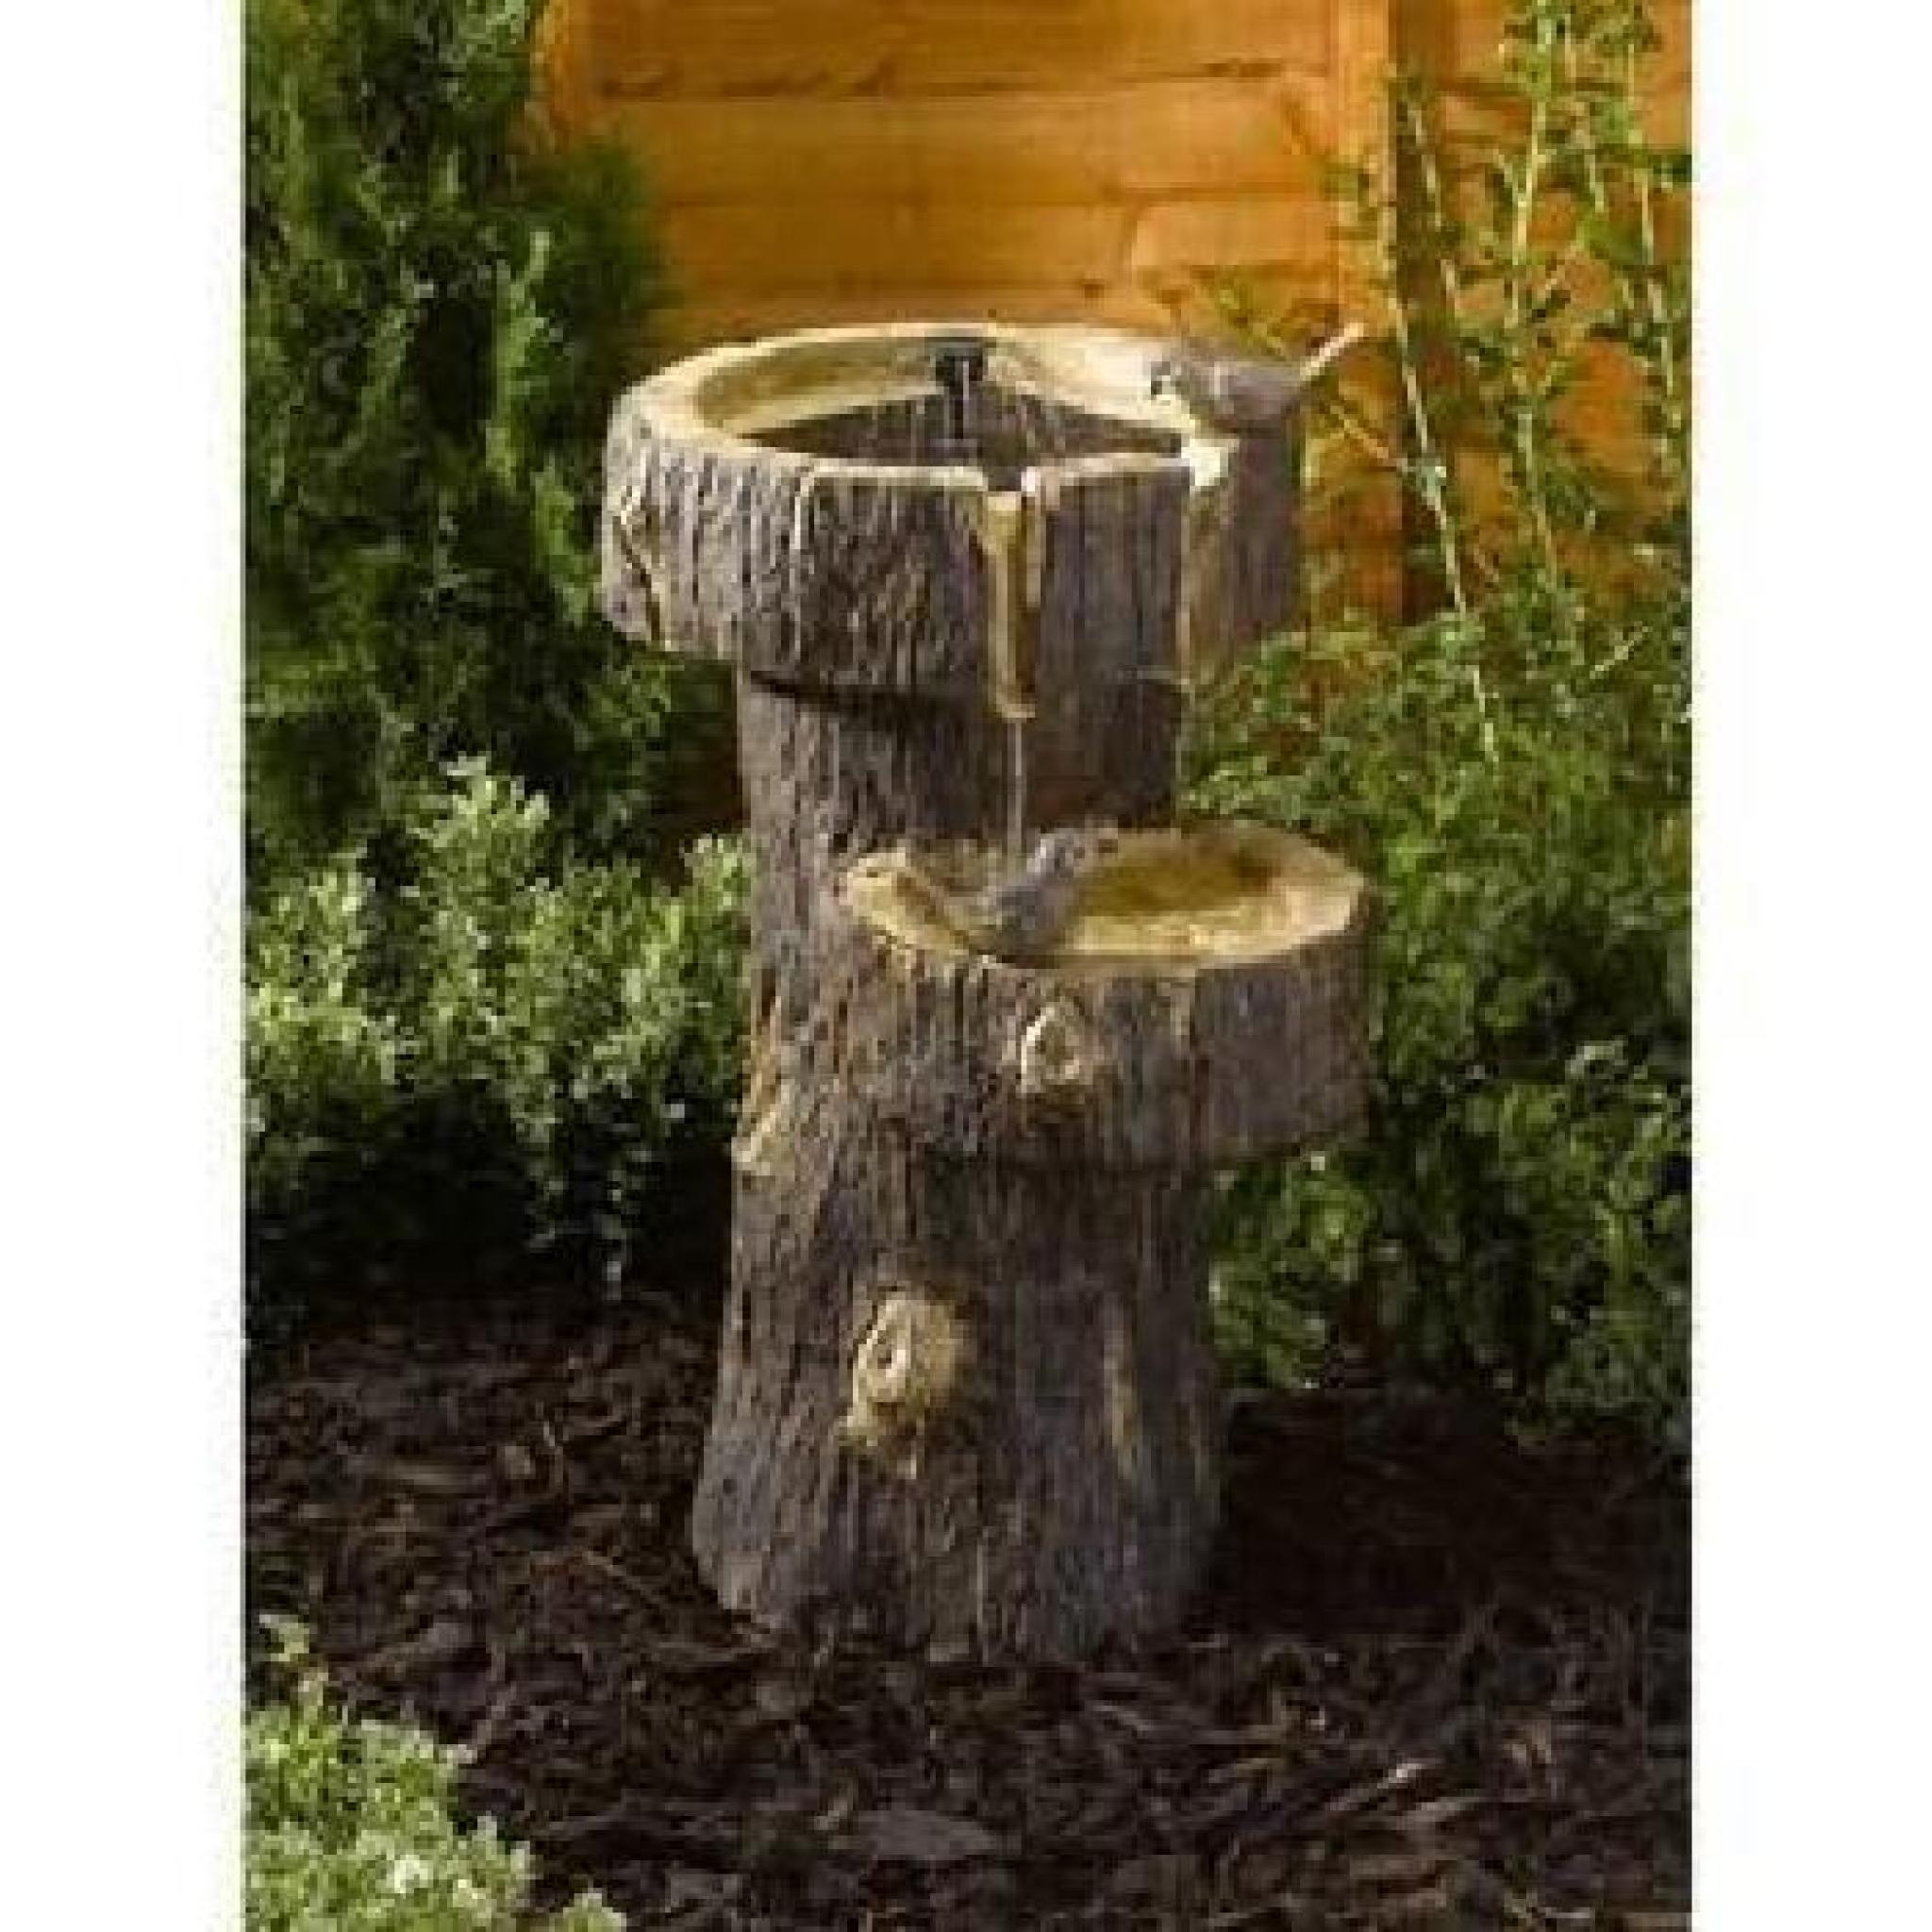 Fontaine solaire tronc d arbre achat vente decoration - Petite fontaine de jardin pas cher ...